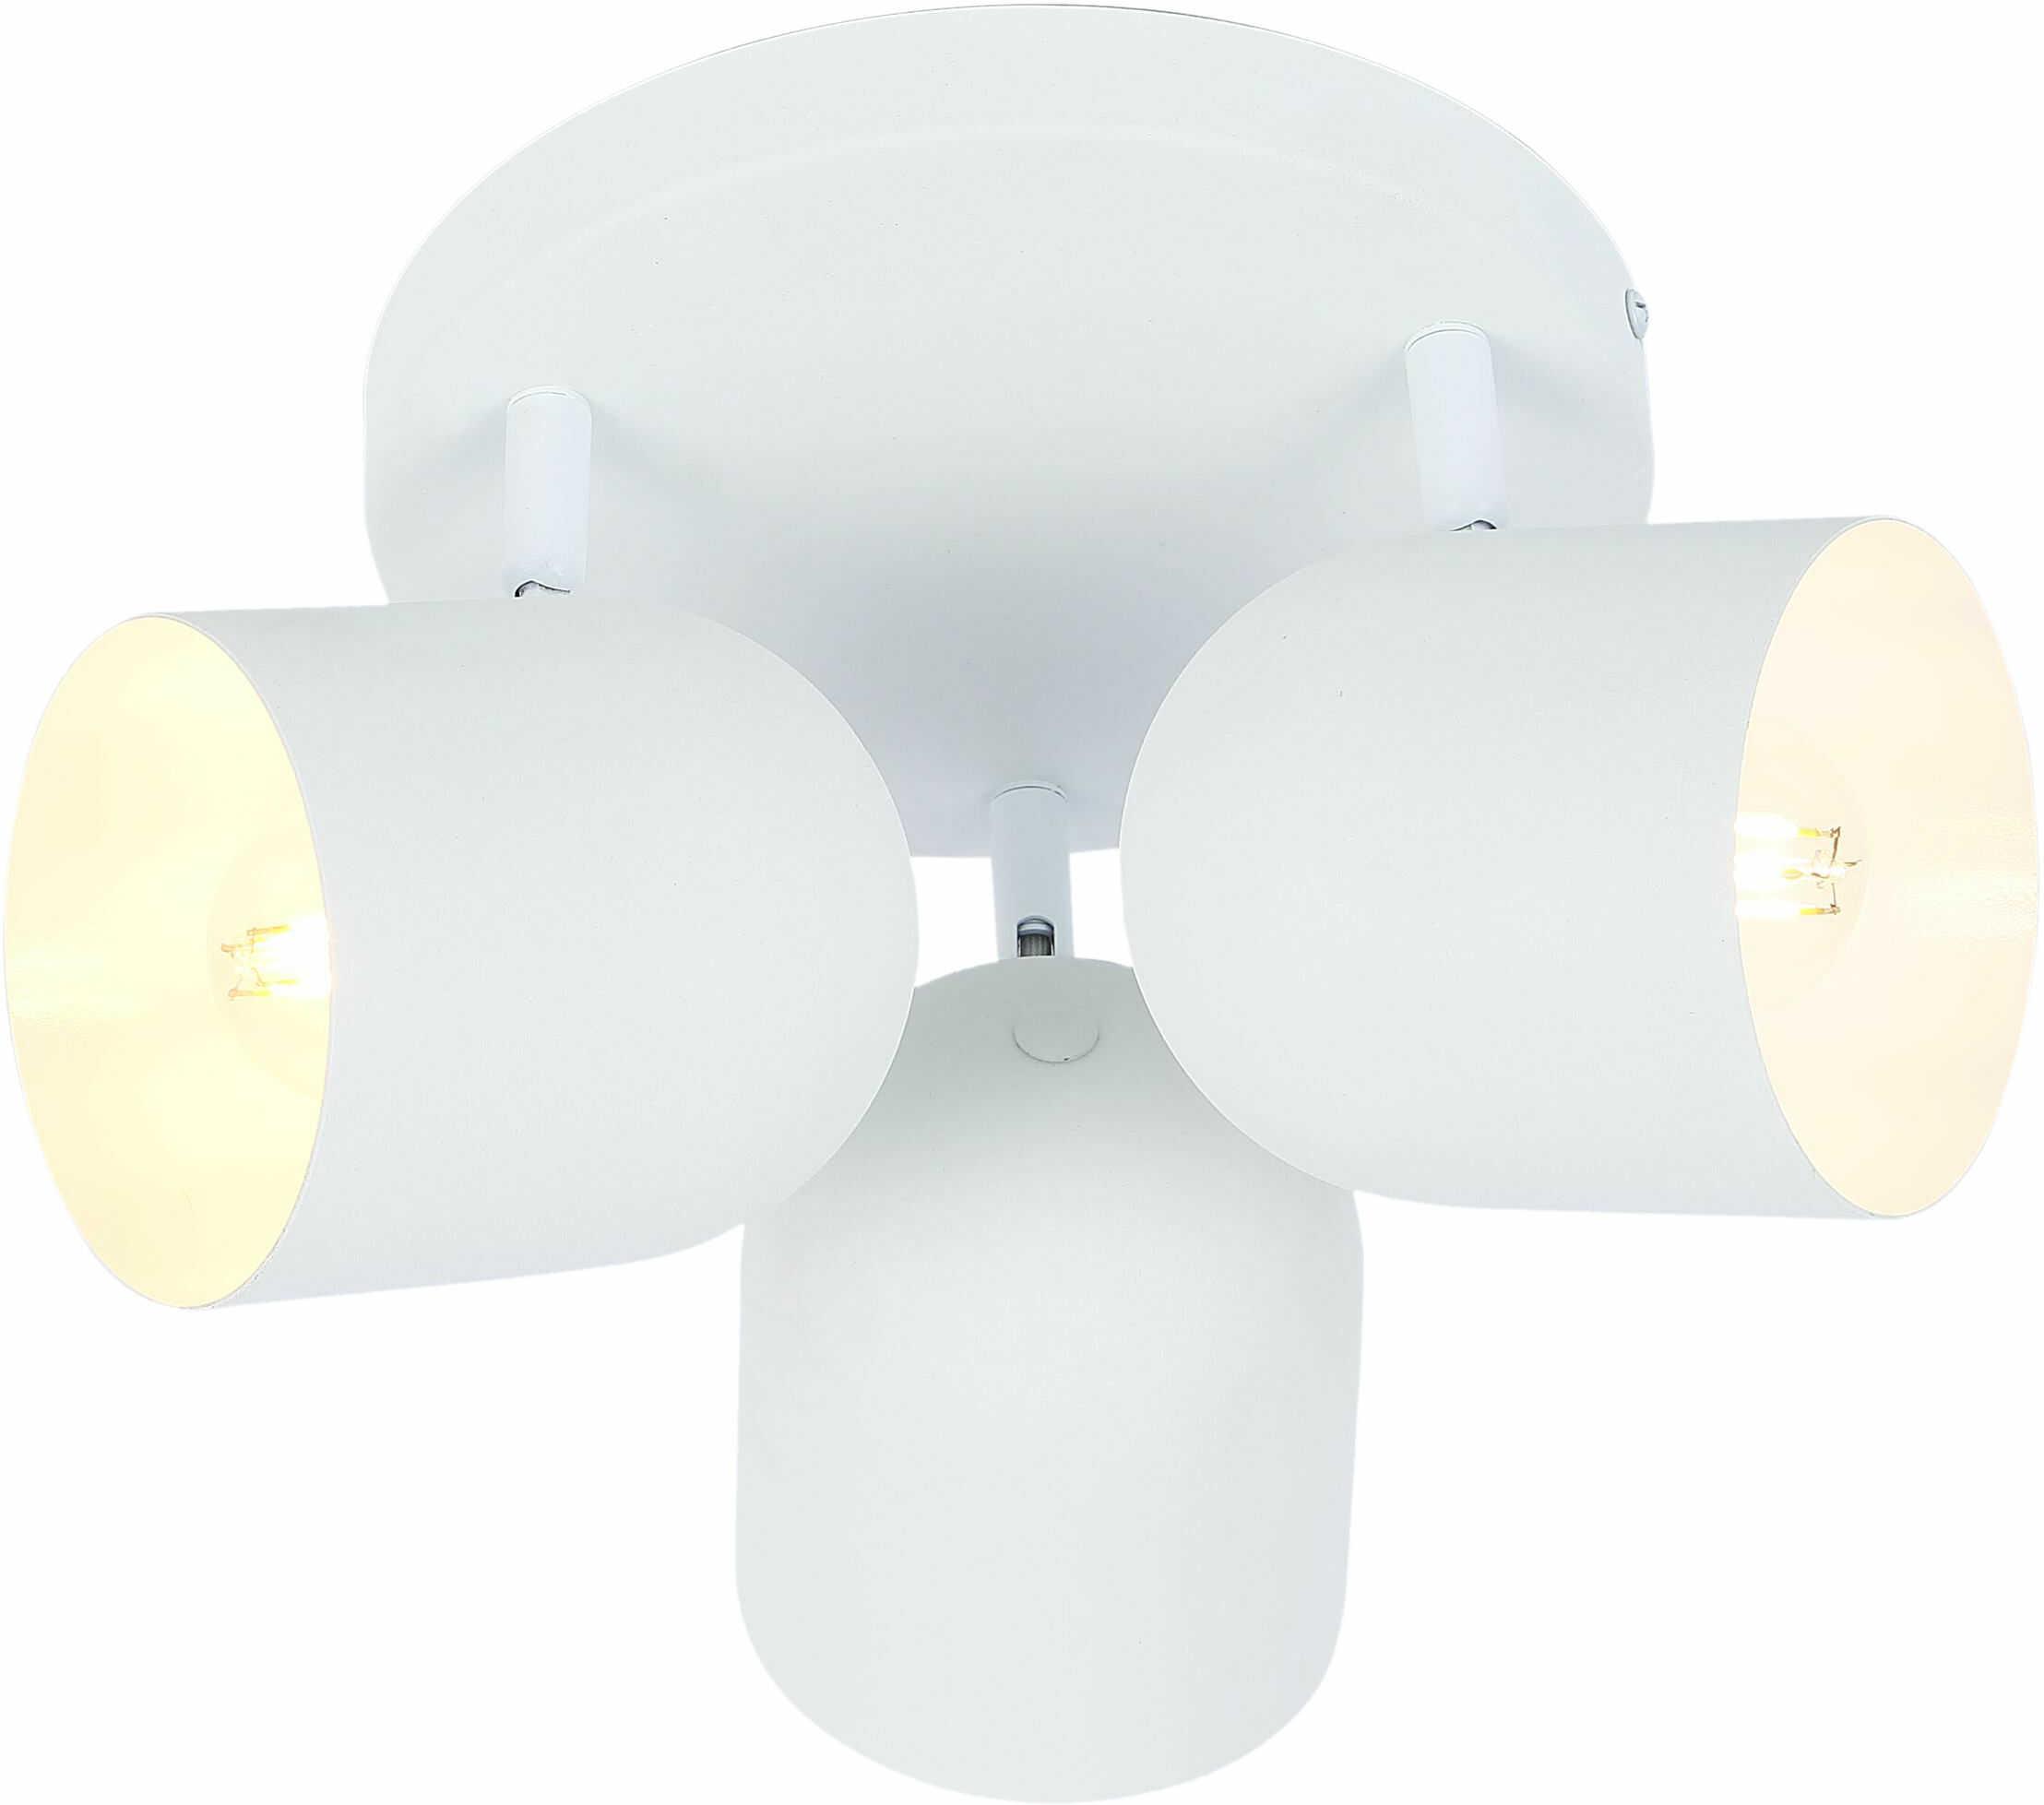 Candellux AZURO 98-63274 plafon lampa sufitowa biała metalowy klosz 3X40W E27 32cm